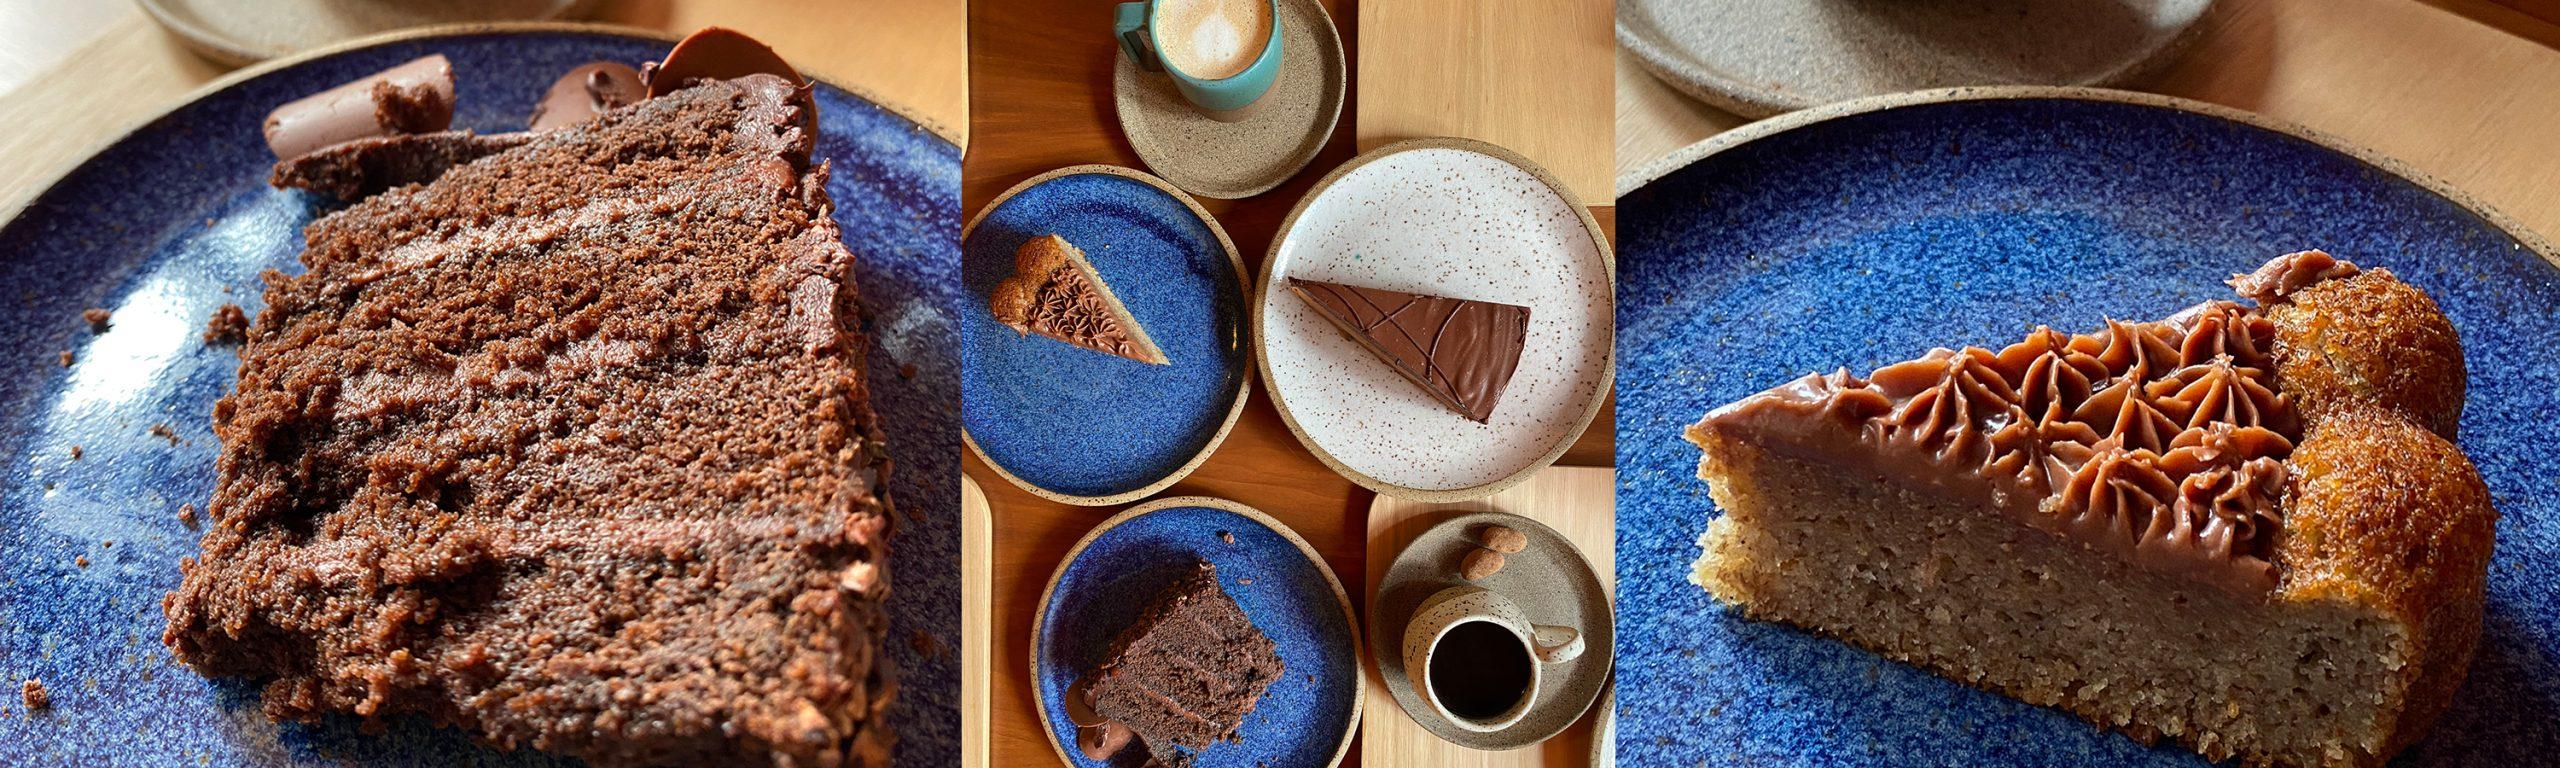 Cafeteria Dengo oferece bolos, salgados, café da manhã e brunch aos finais de semana (Fotos: Tina Bornstein)